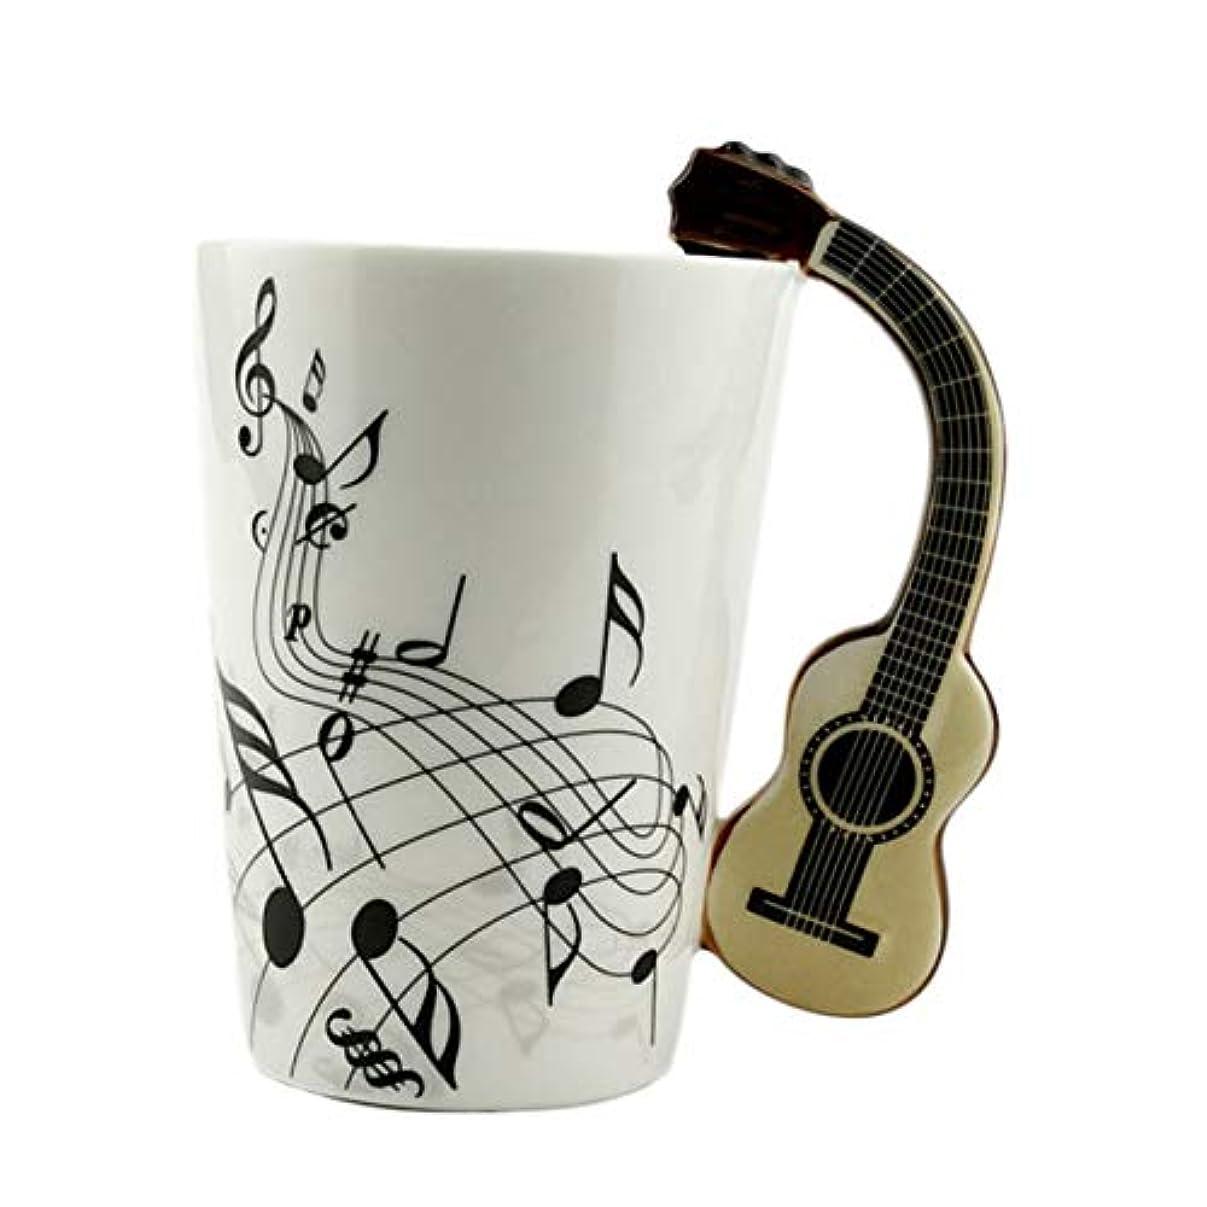 ジョリーうるさい経済的Saikogoods ノベルティアートセラミックマグカップ楽器は スタイルのコーヒーミルクカップクリスマスギフトホームオフィスカップ グラスに注意してください。 ホワイトボディギター